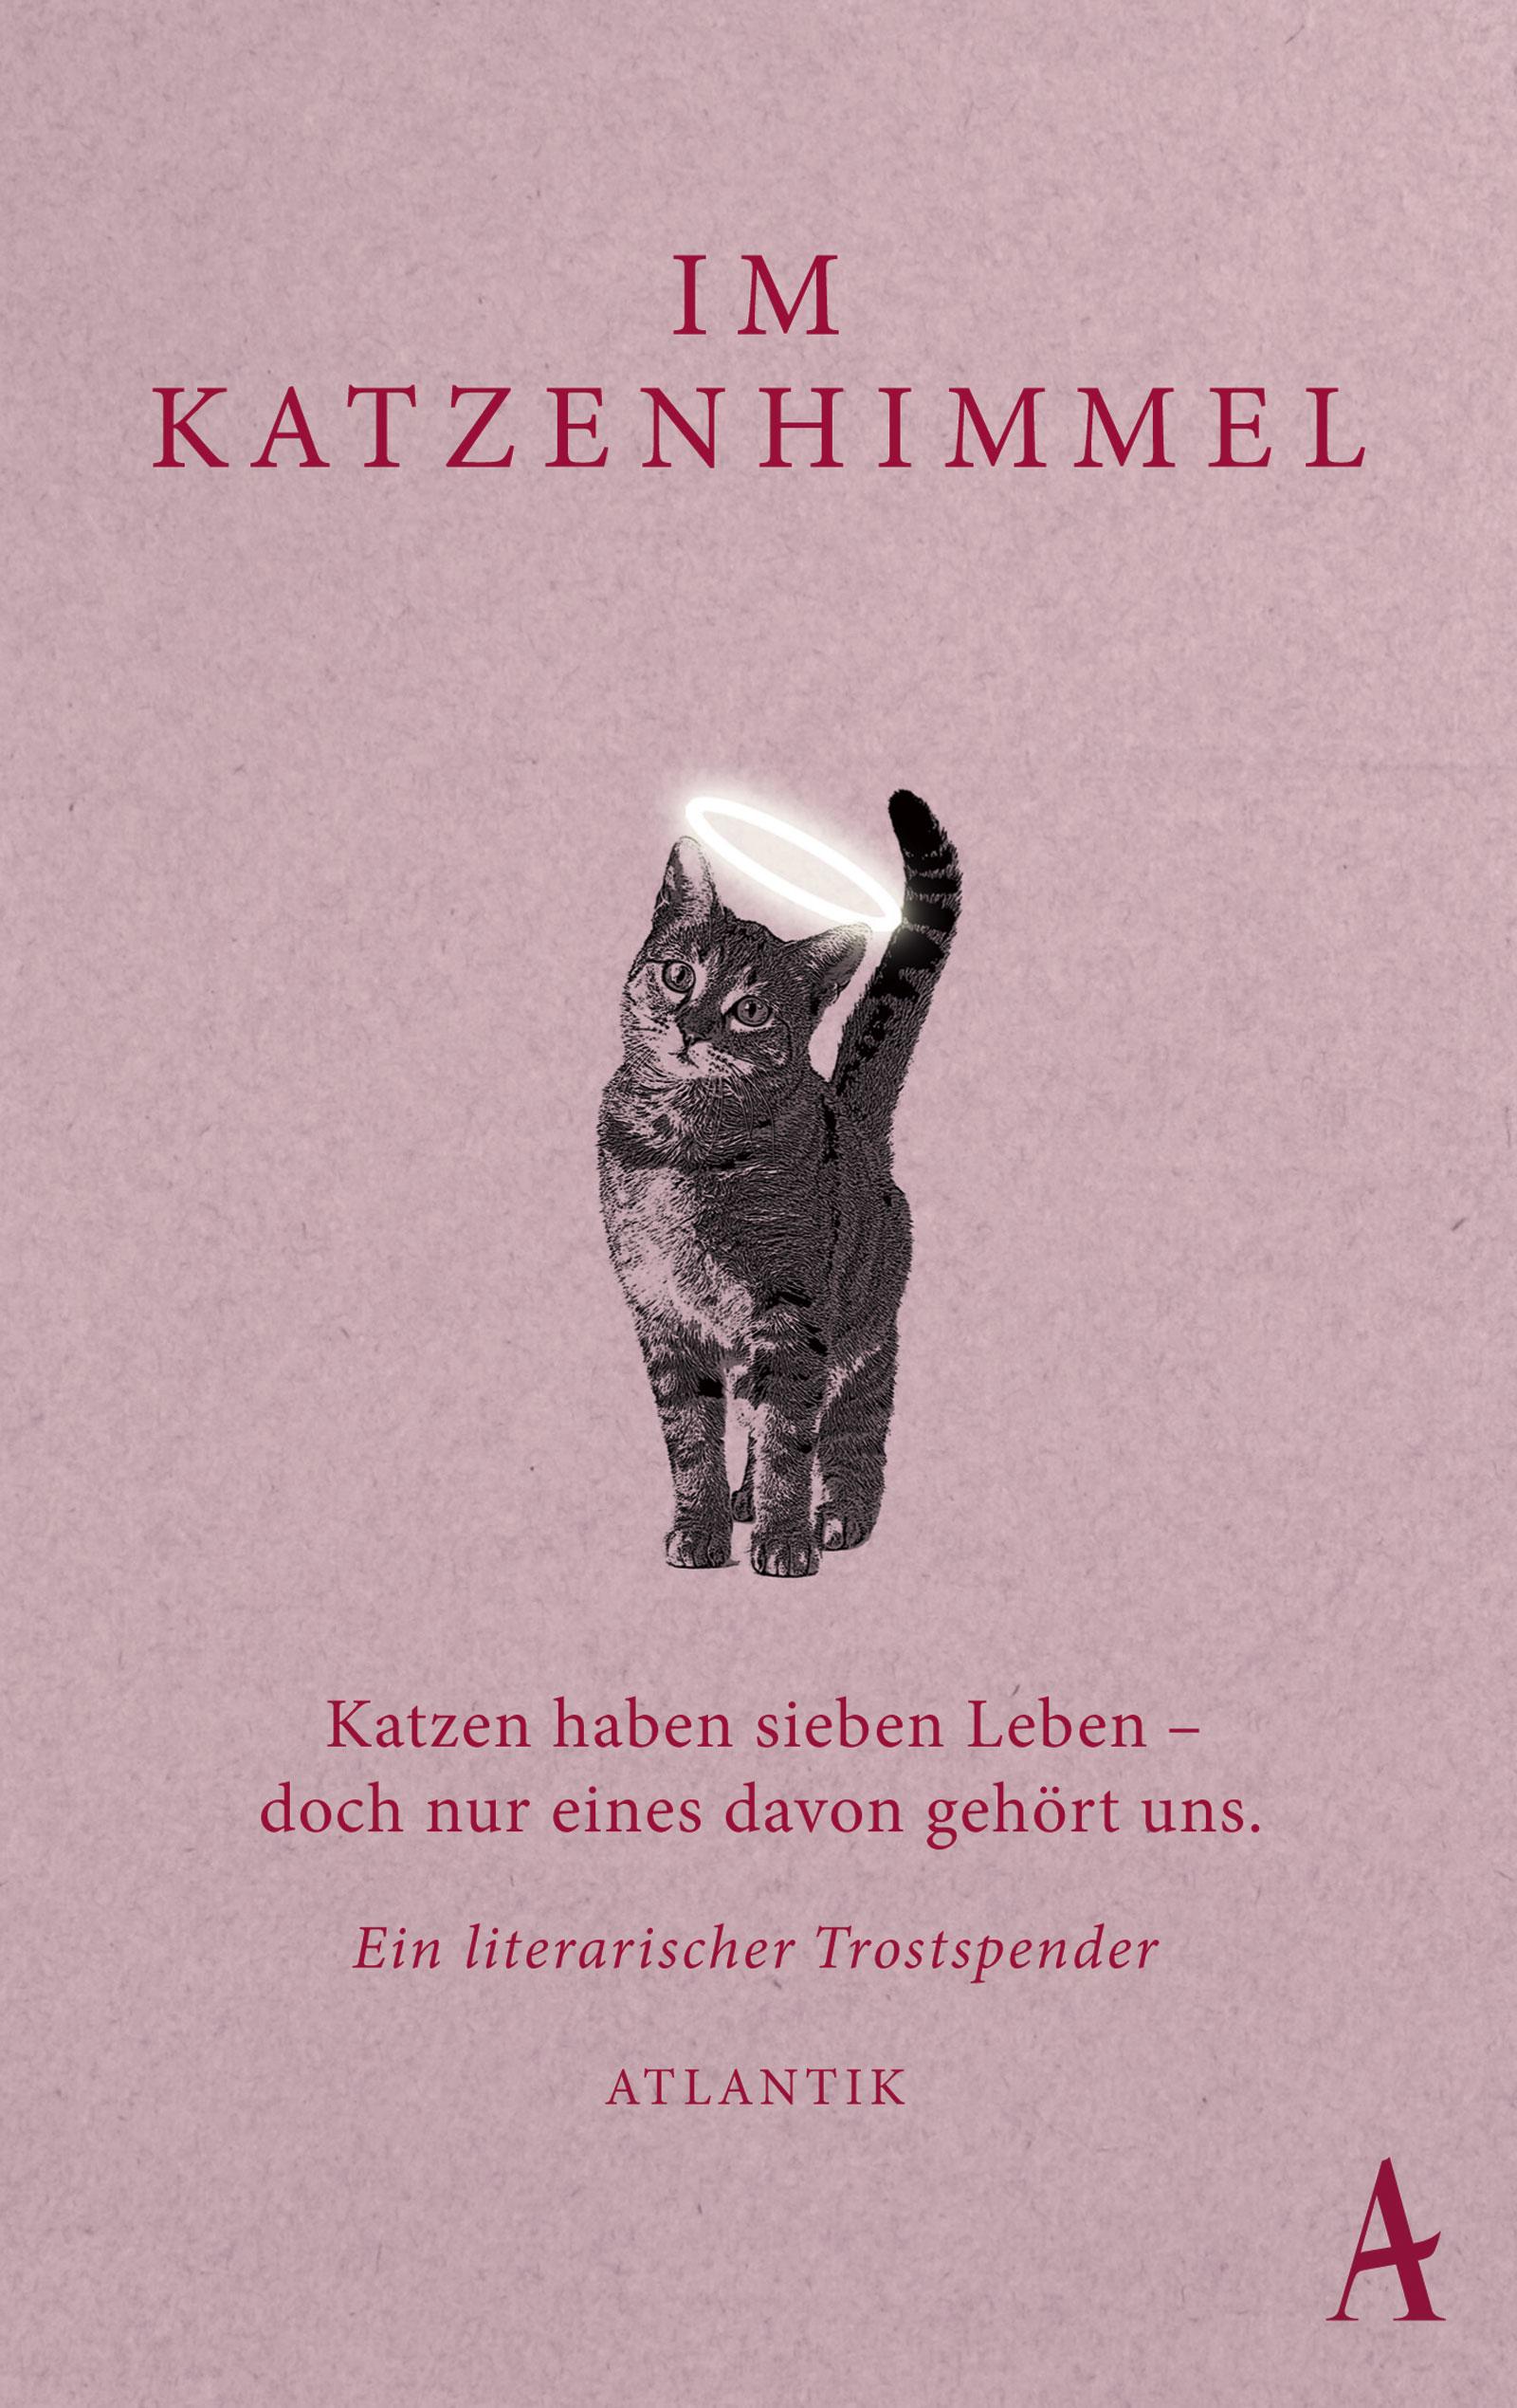 Im Katzenhimmel: Katzen haben sieben Leben - doch nur eines davon gehört uns - Ein literarischer Trostspender